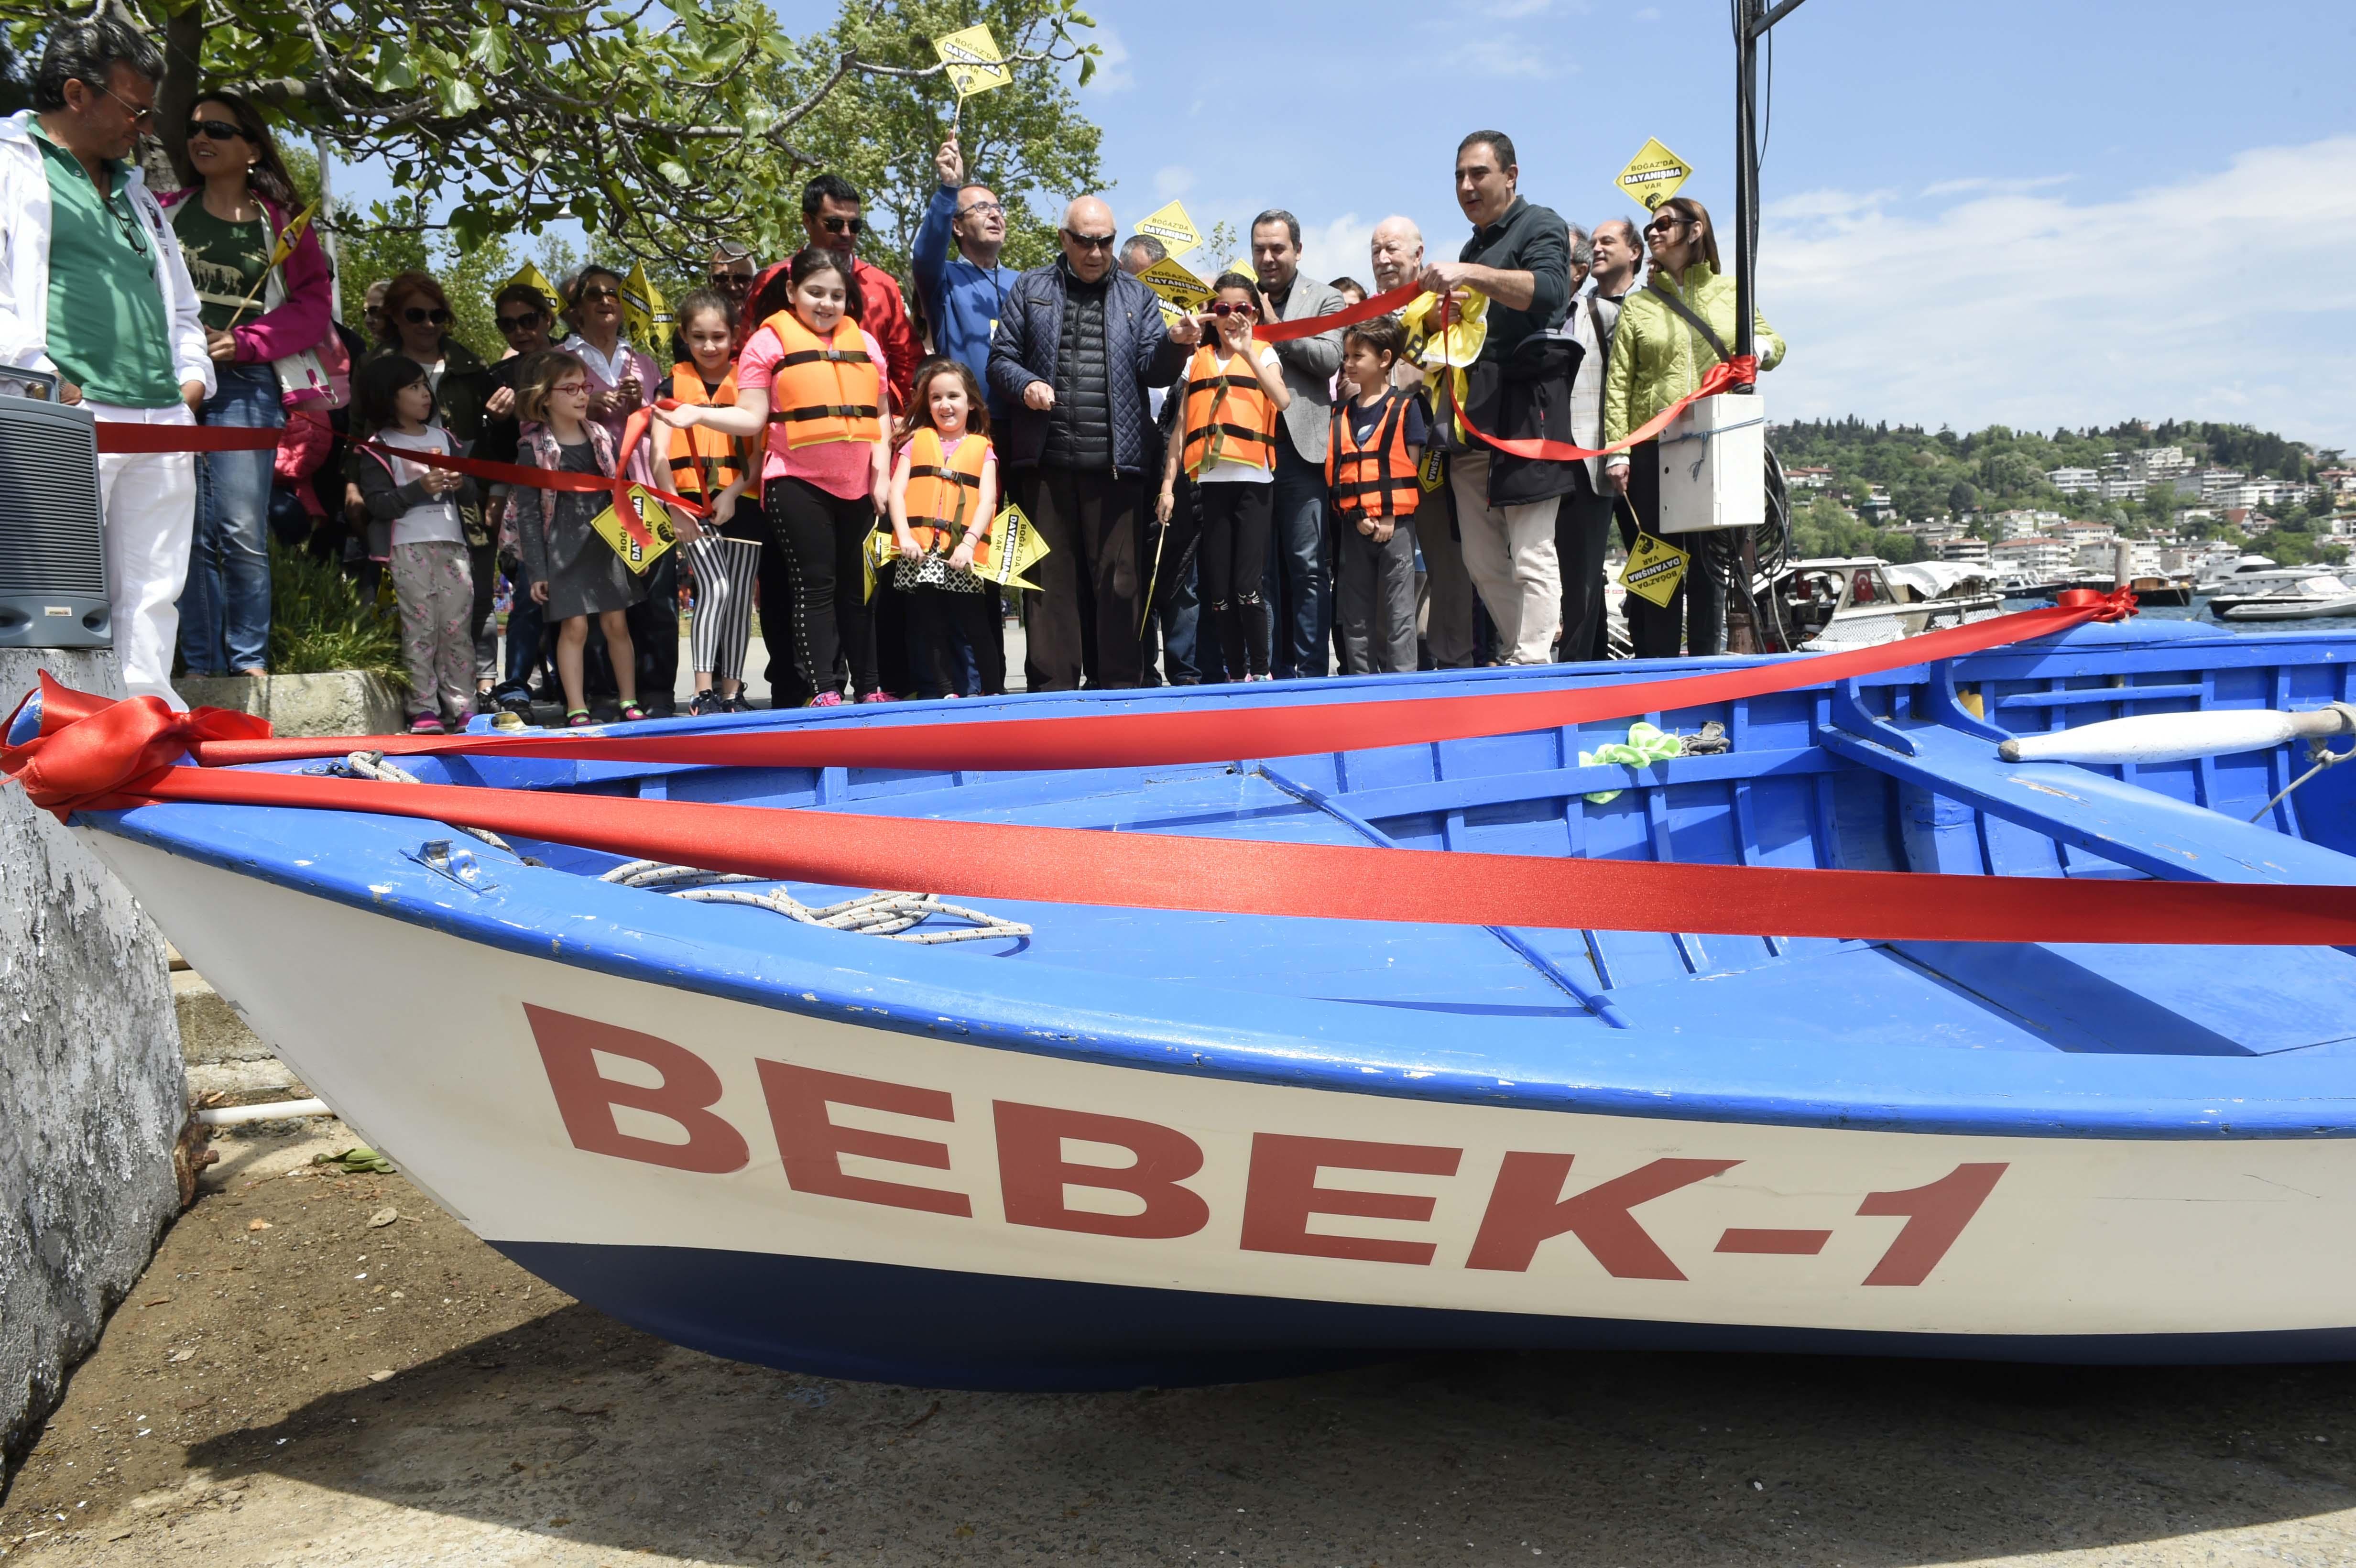 İBB'nin Bebek Sahili Tekne Park Projesi Protesto Edildi